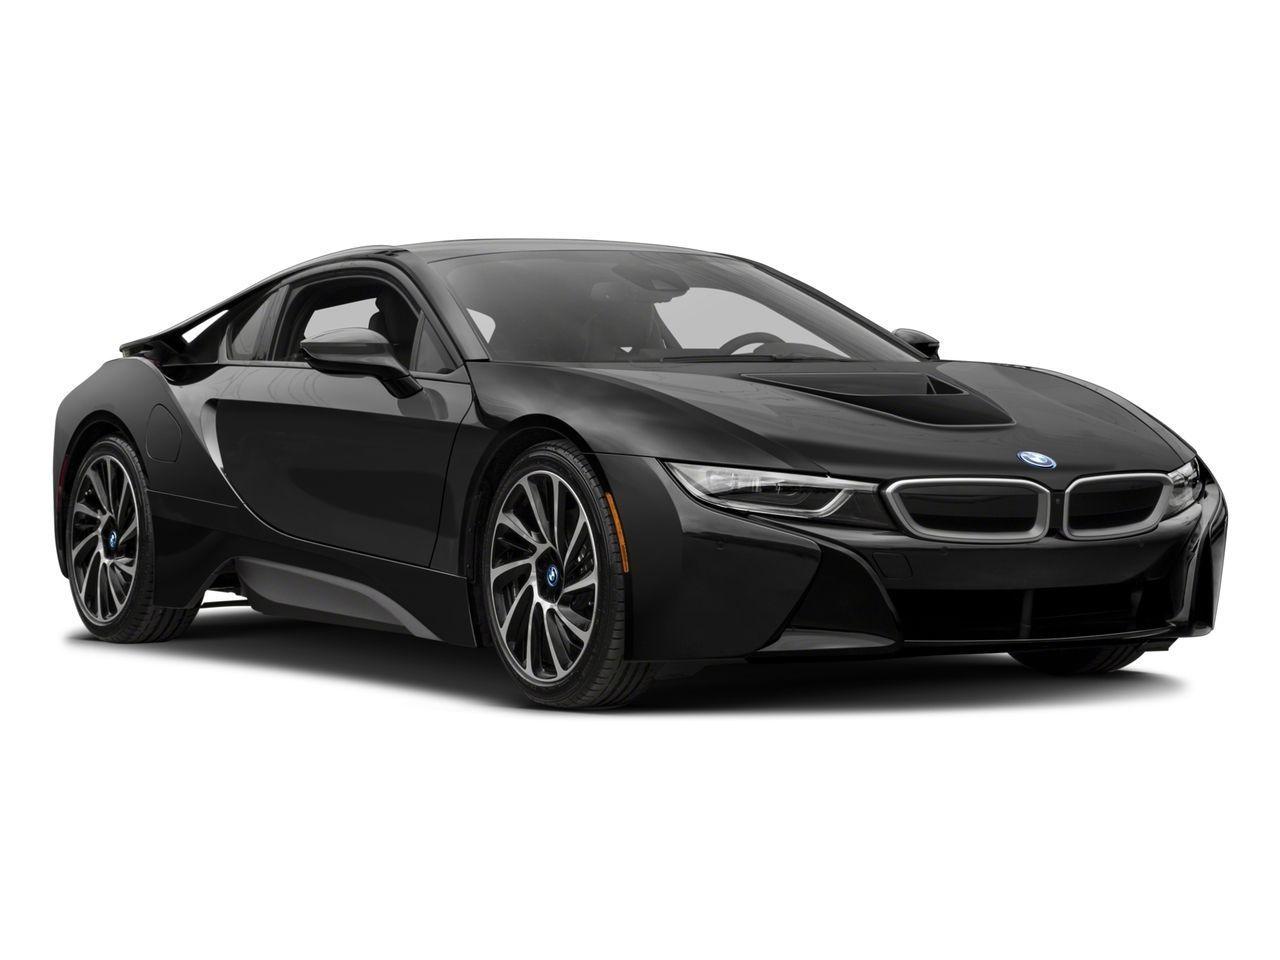 2017 BMW i8 Coupe bmwi8pink Bmw i8, Bmw, Hybrid sports car